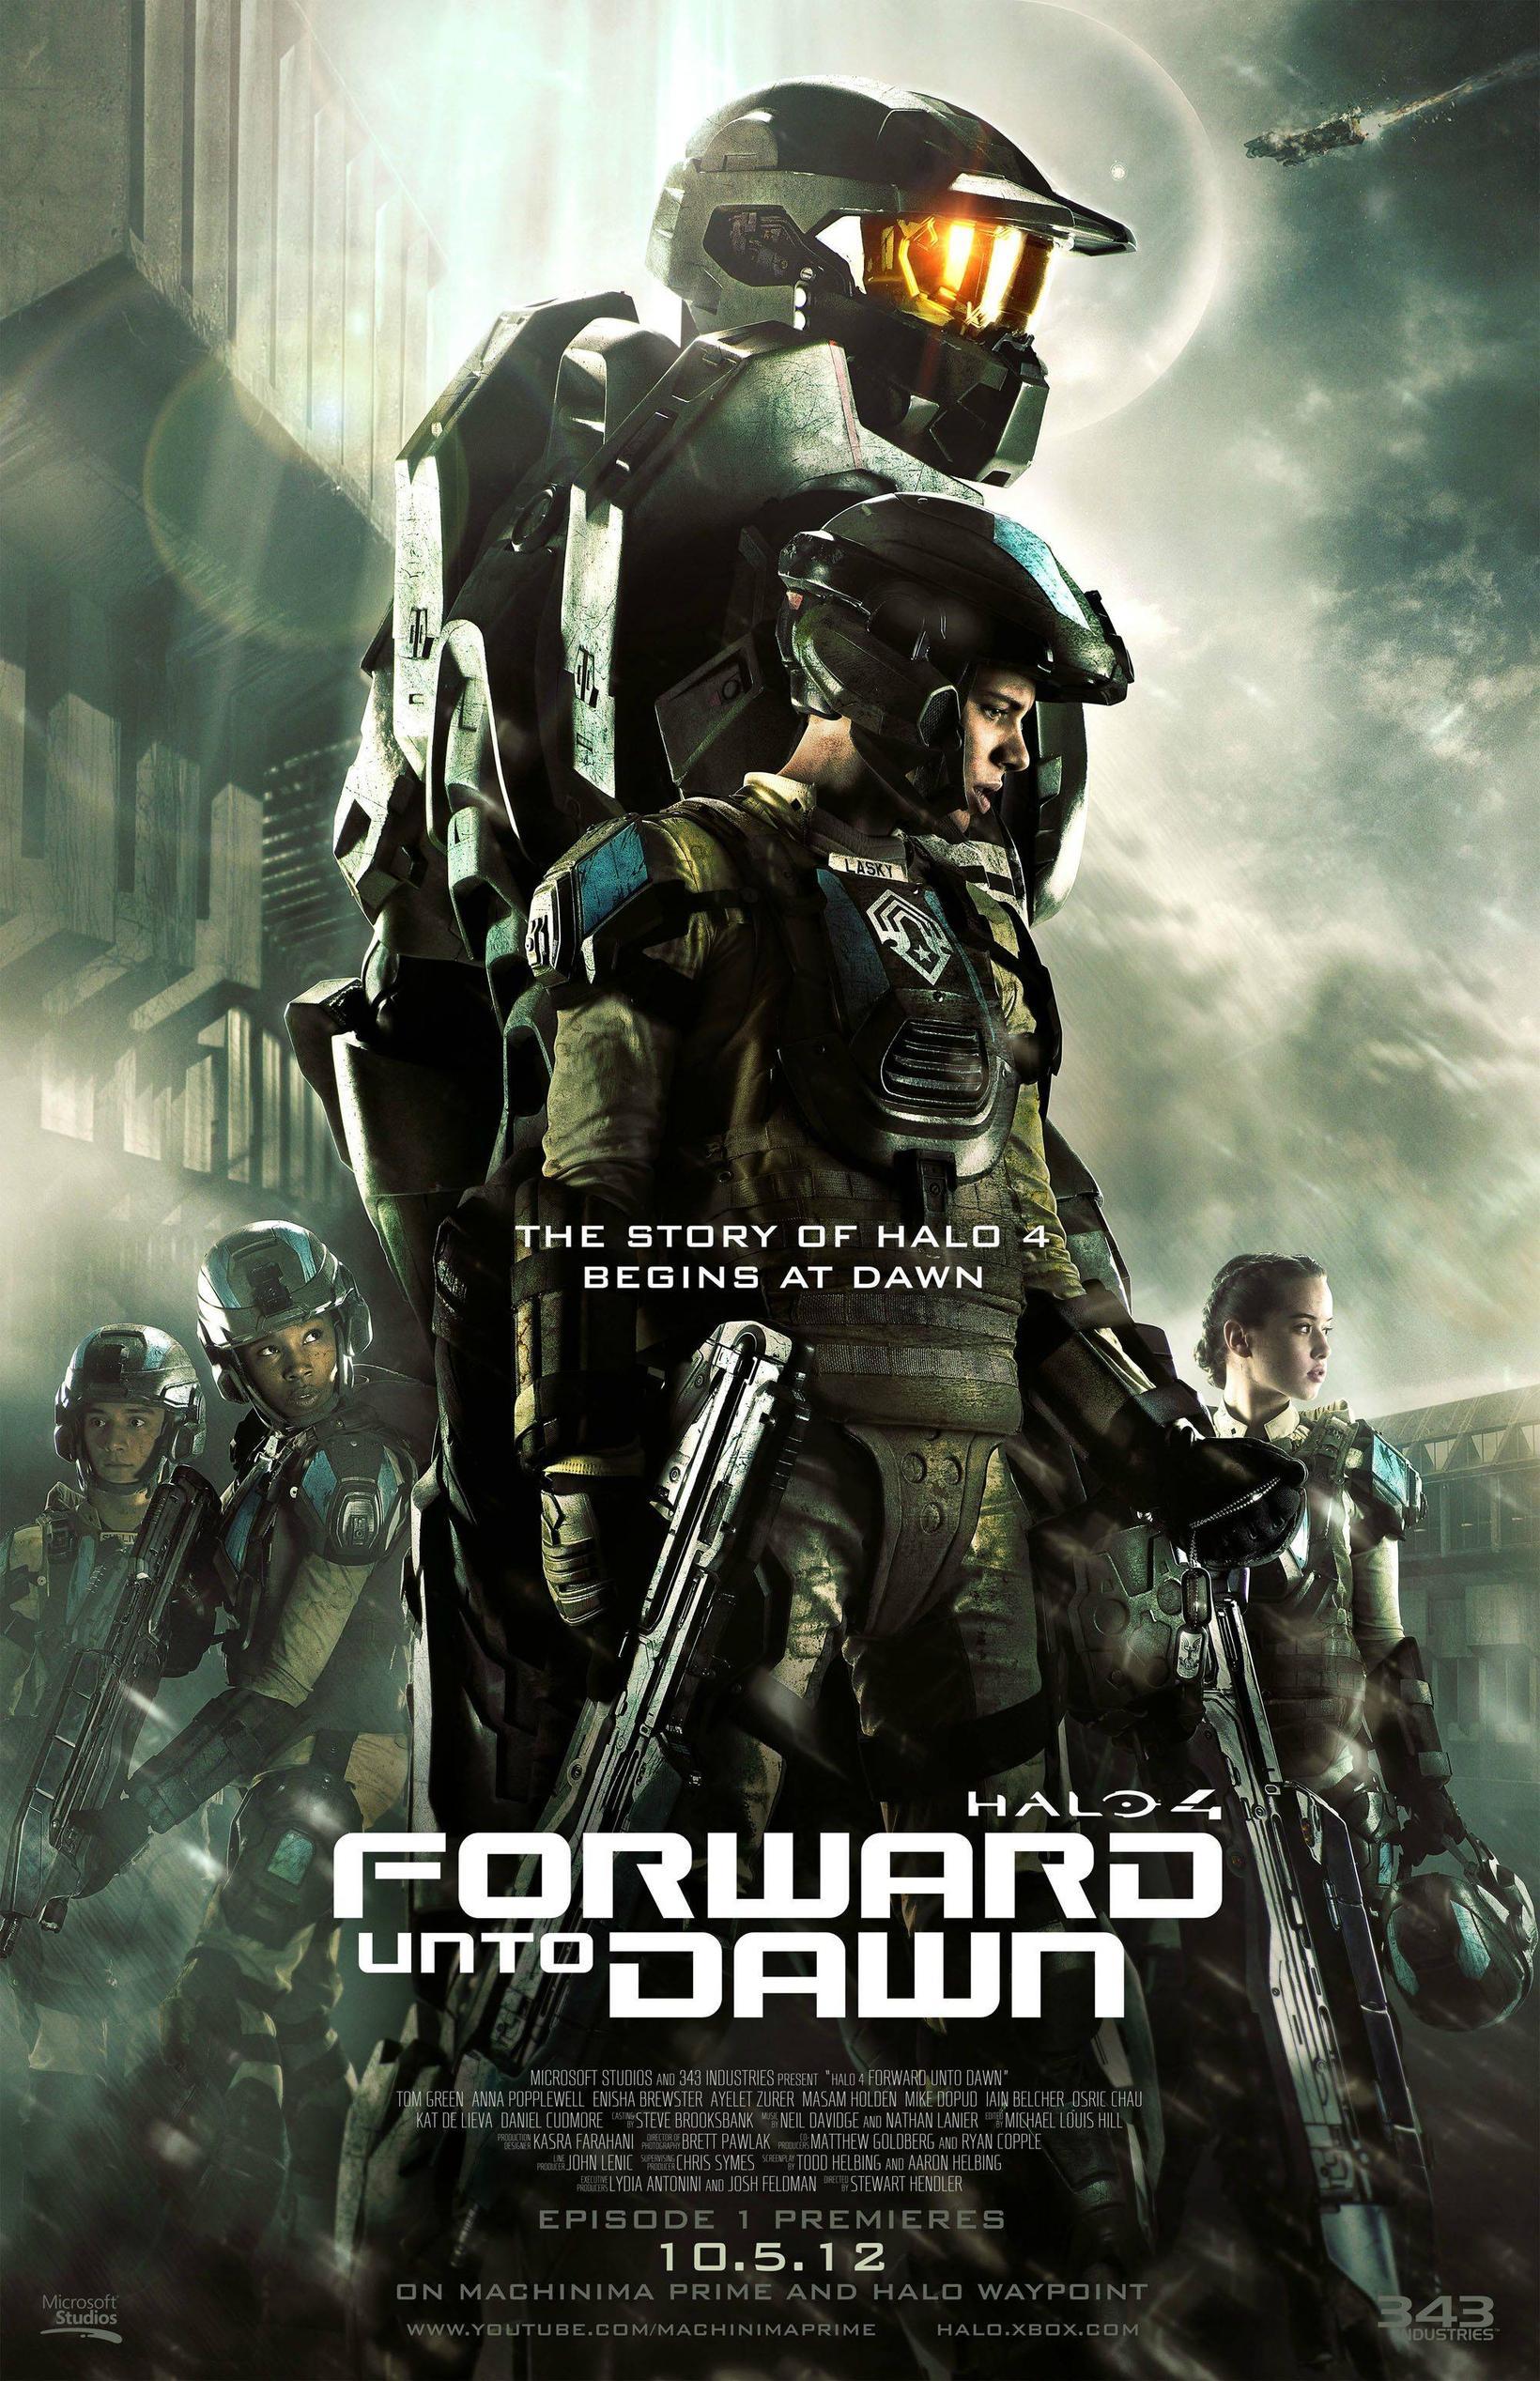 Halo 4: Forward Unto Dawn gratuit sur XBOX Video